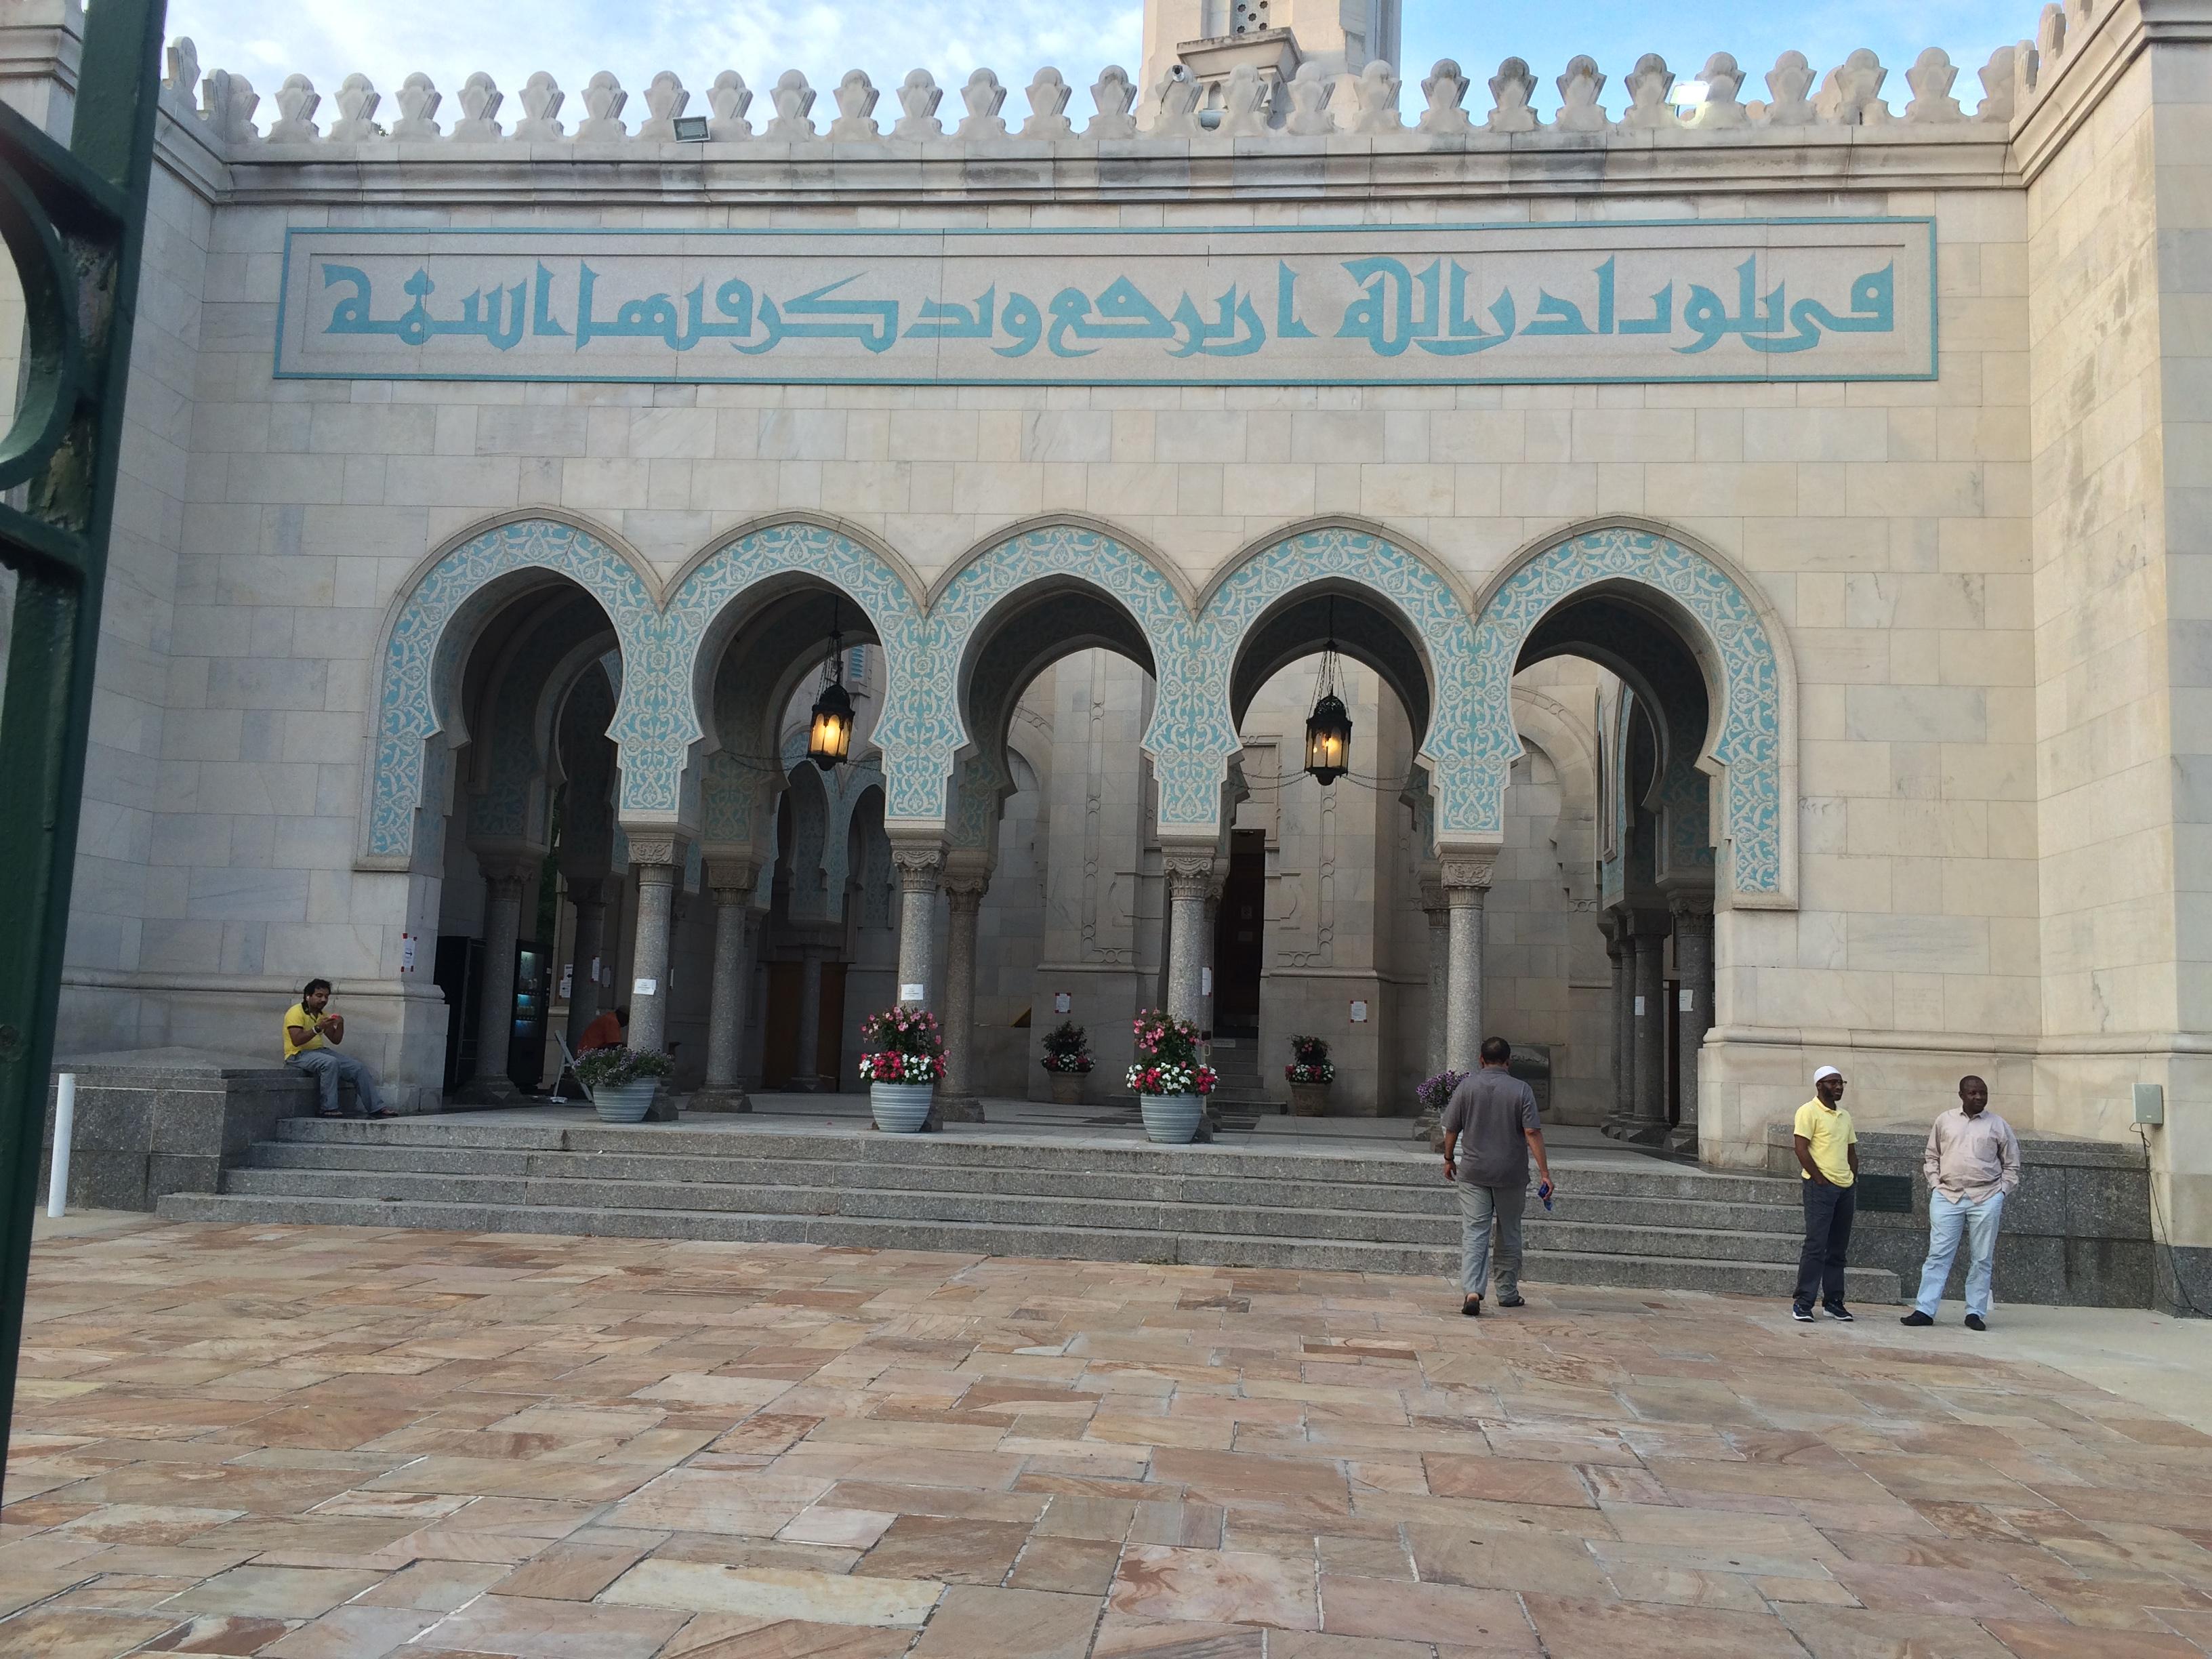 كتابة على مدخل المسجد